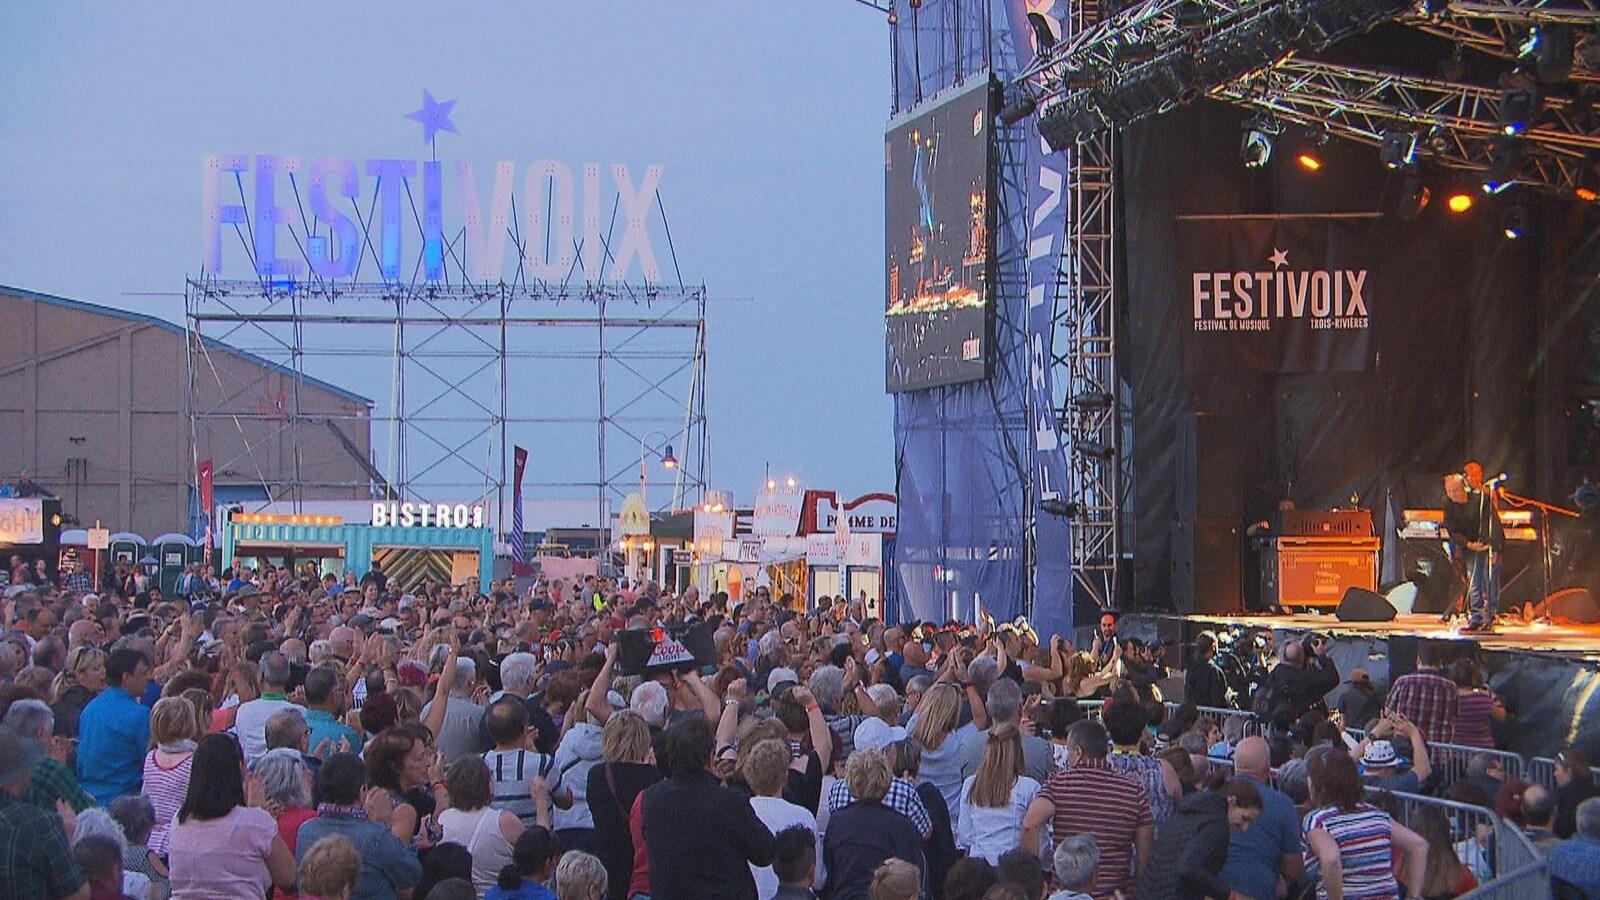 La foule accueille Claude Dubois sur scène.